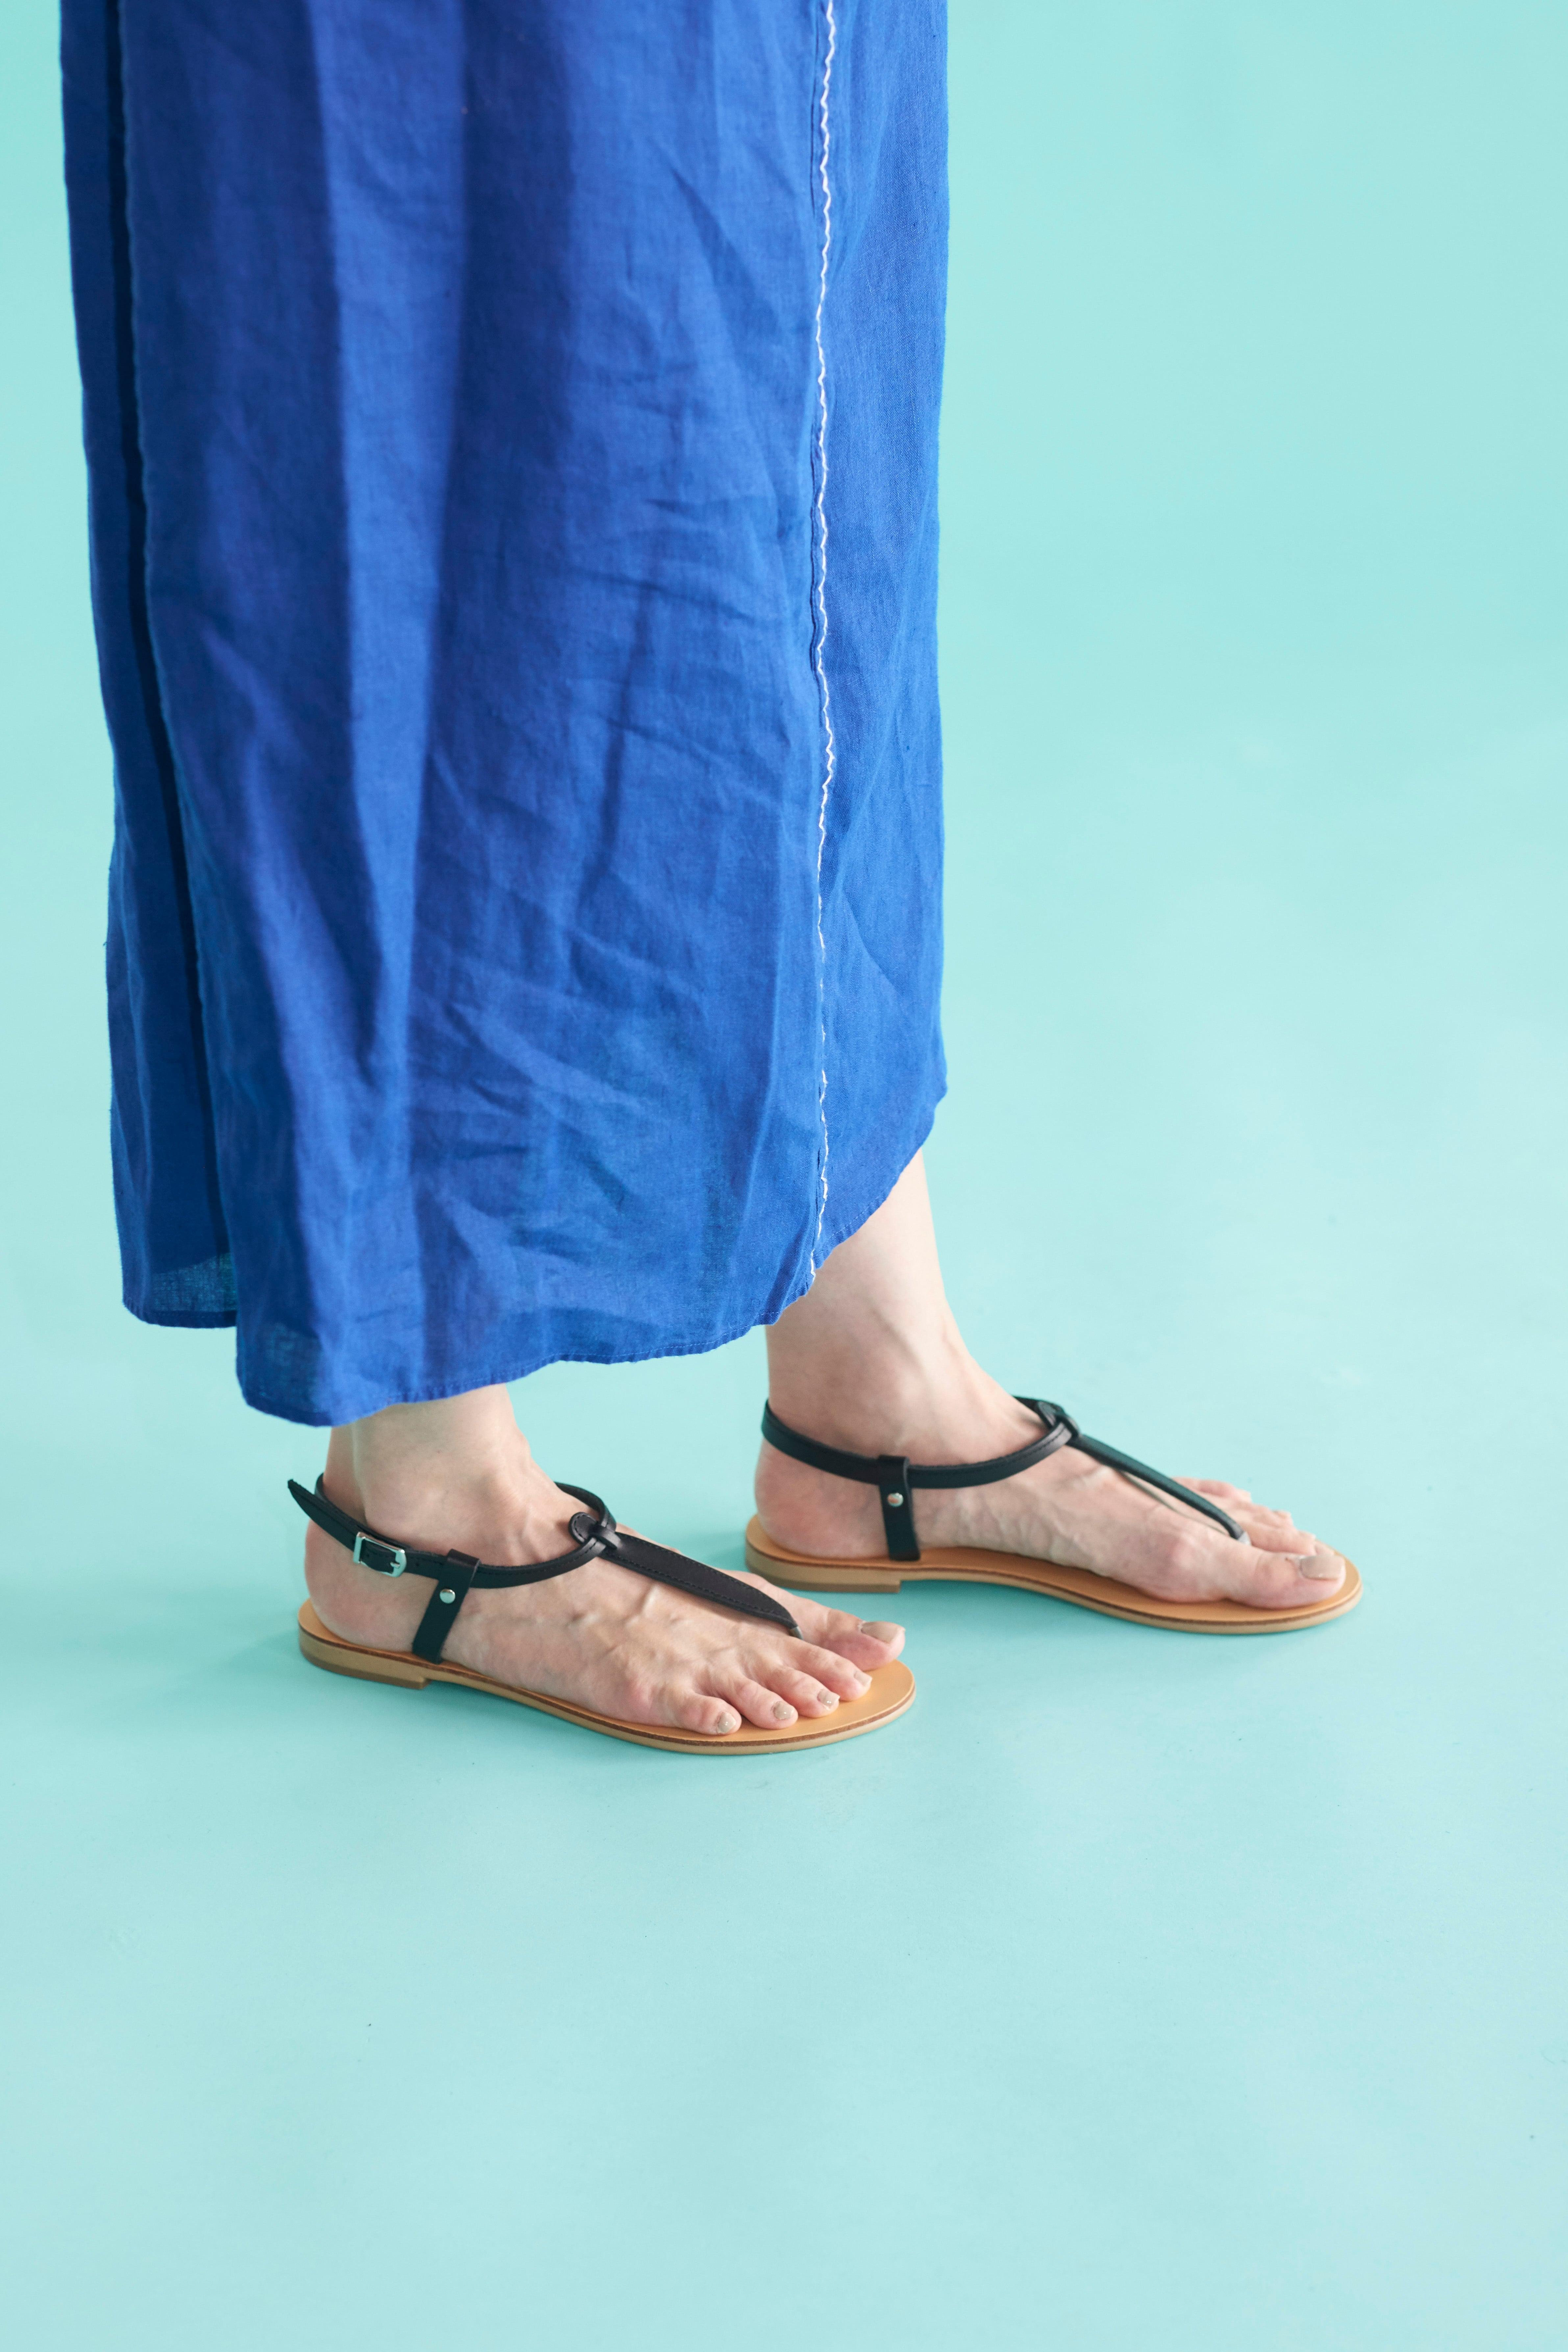 NICOLAS LAINAS strap sandal